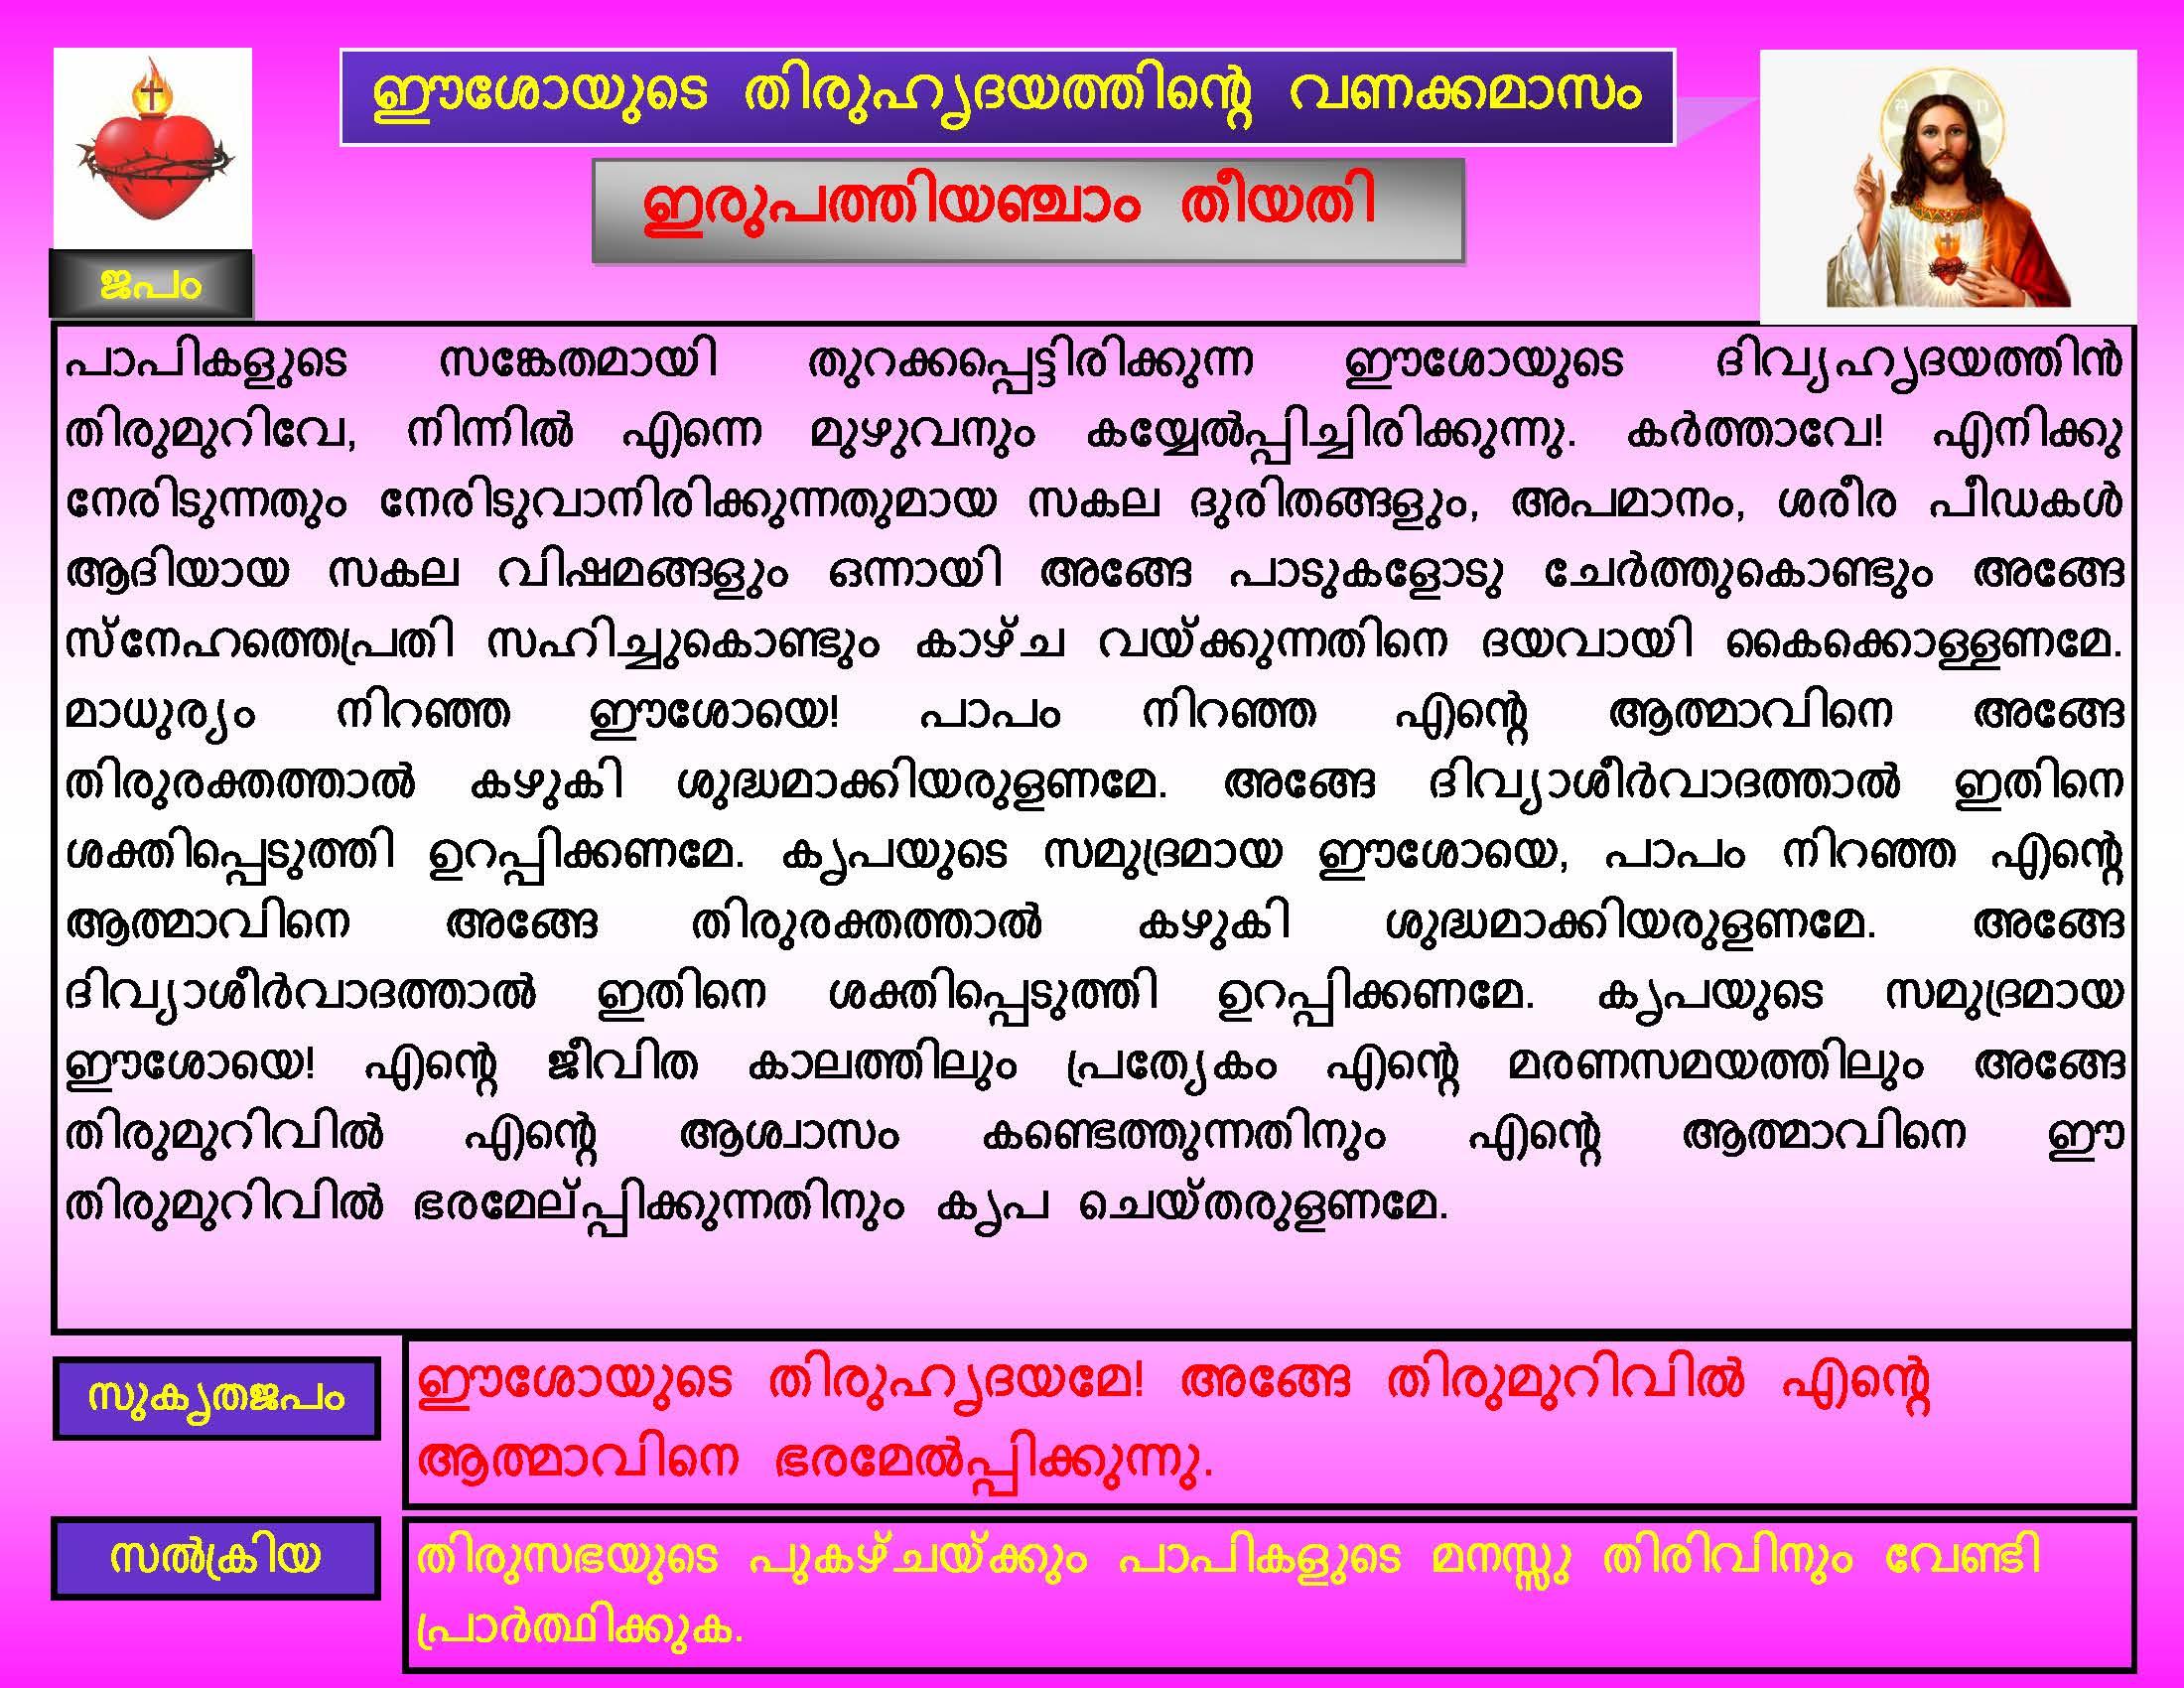 Thiruhrudaya Vanakkamasam - Day 25